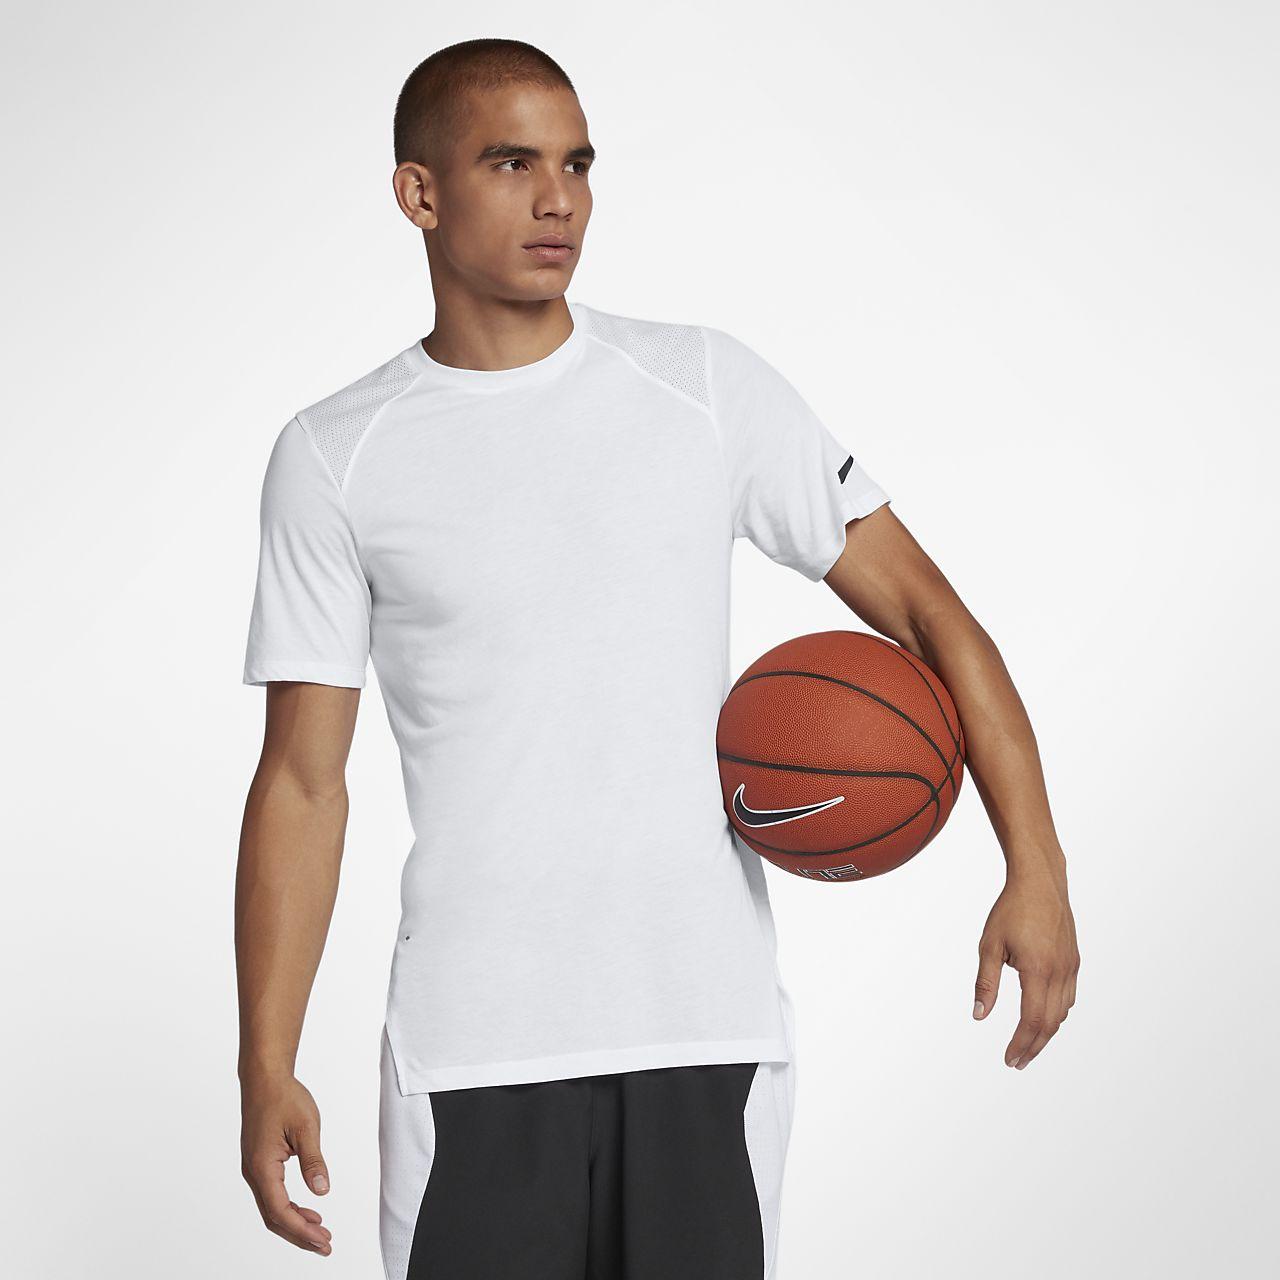 4a50e8fee559 Nike Breathe Elite Men s Short-Sleeve Basketball Top. Nike.com AT